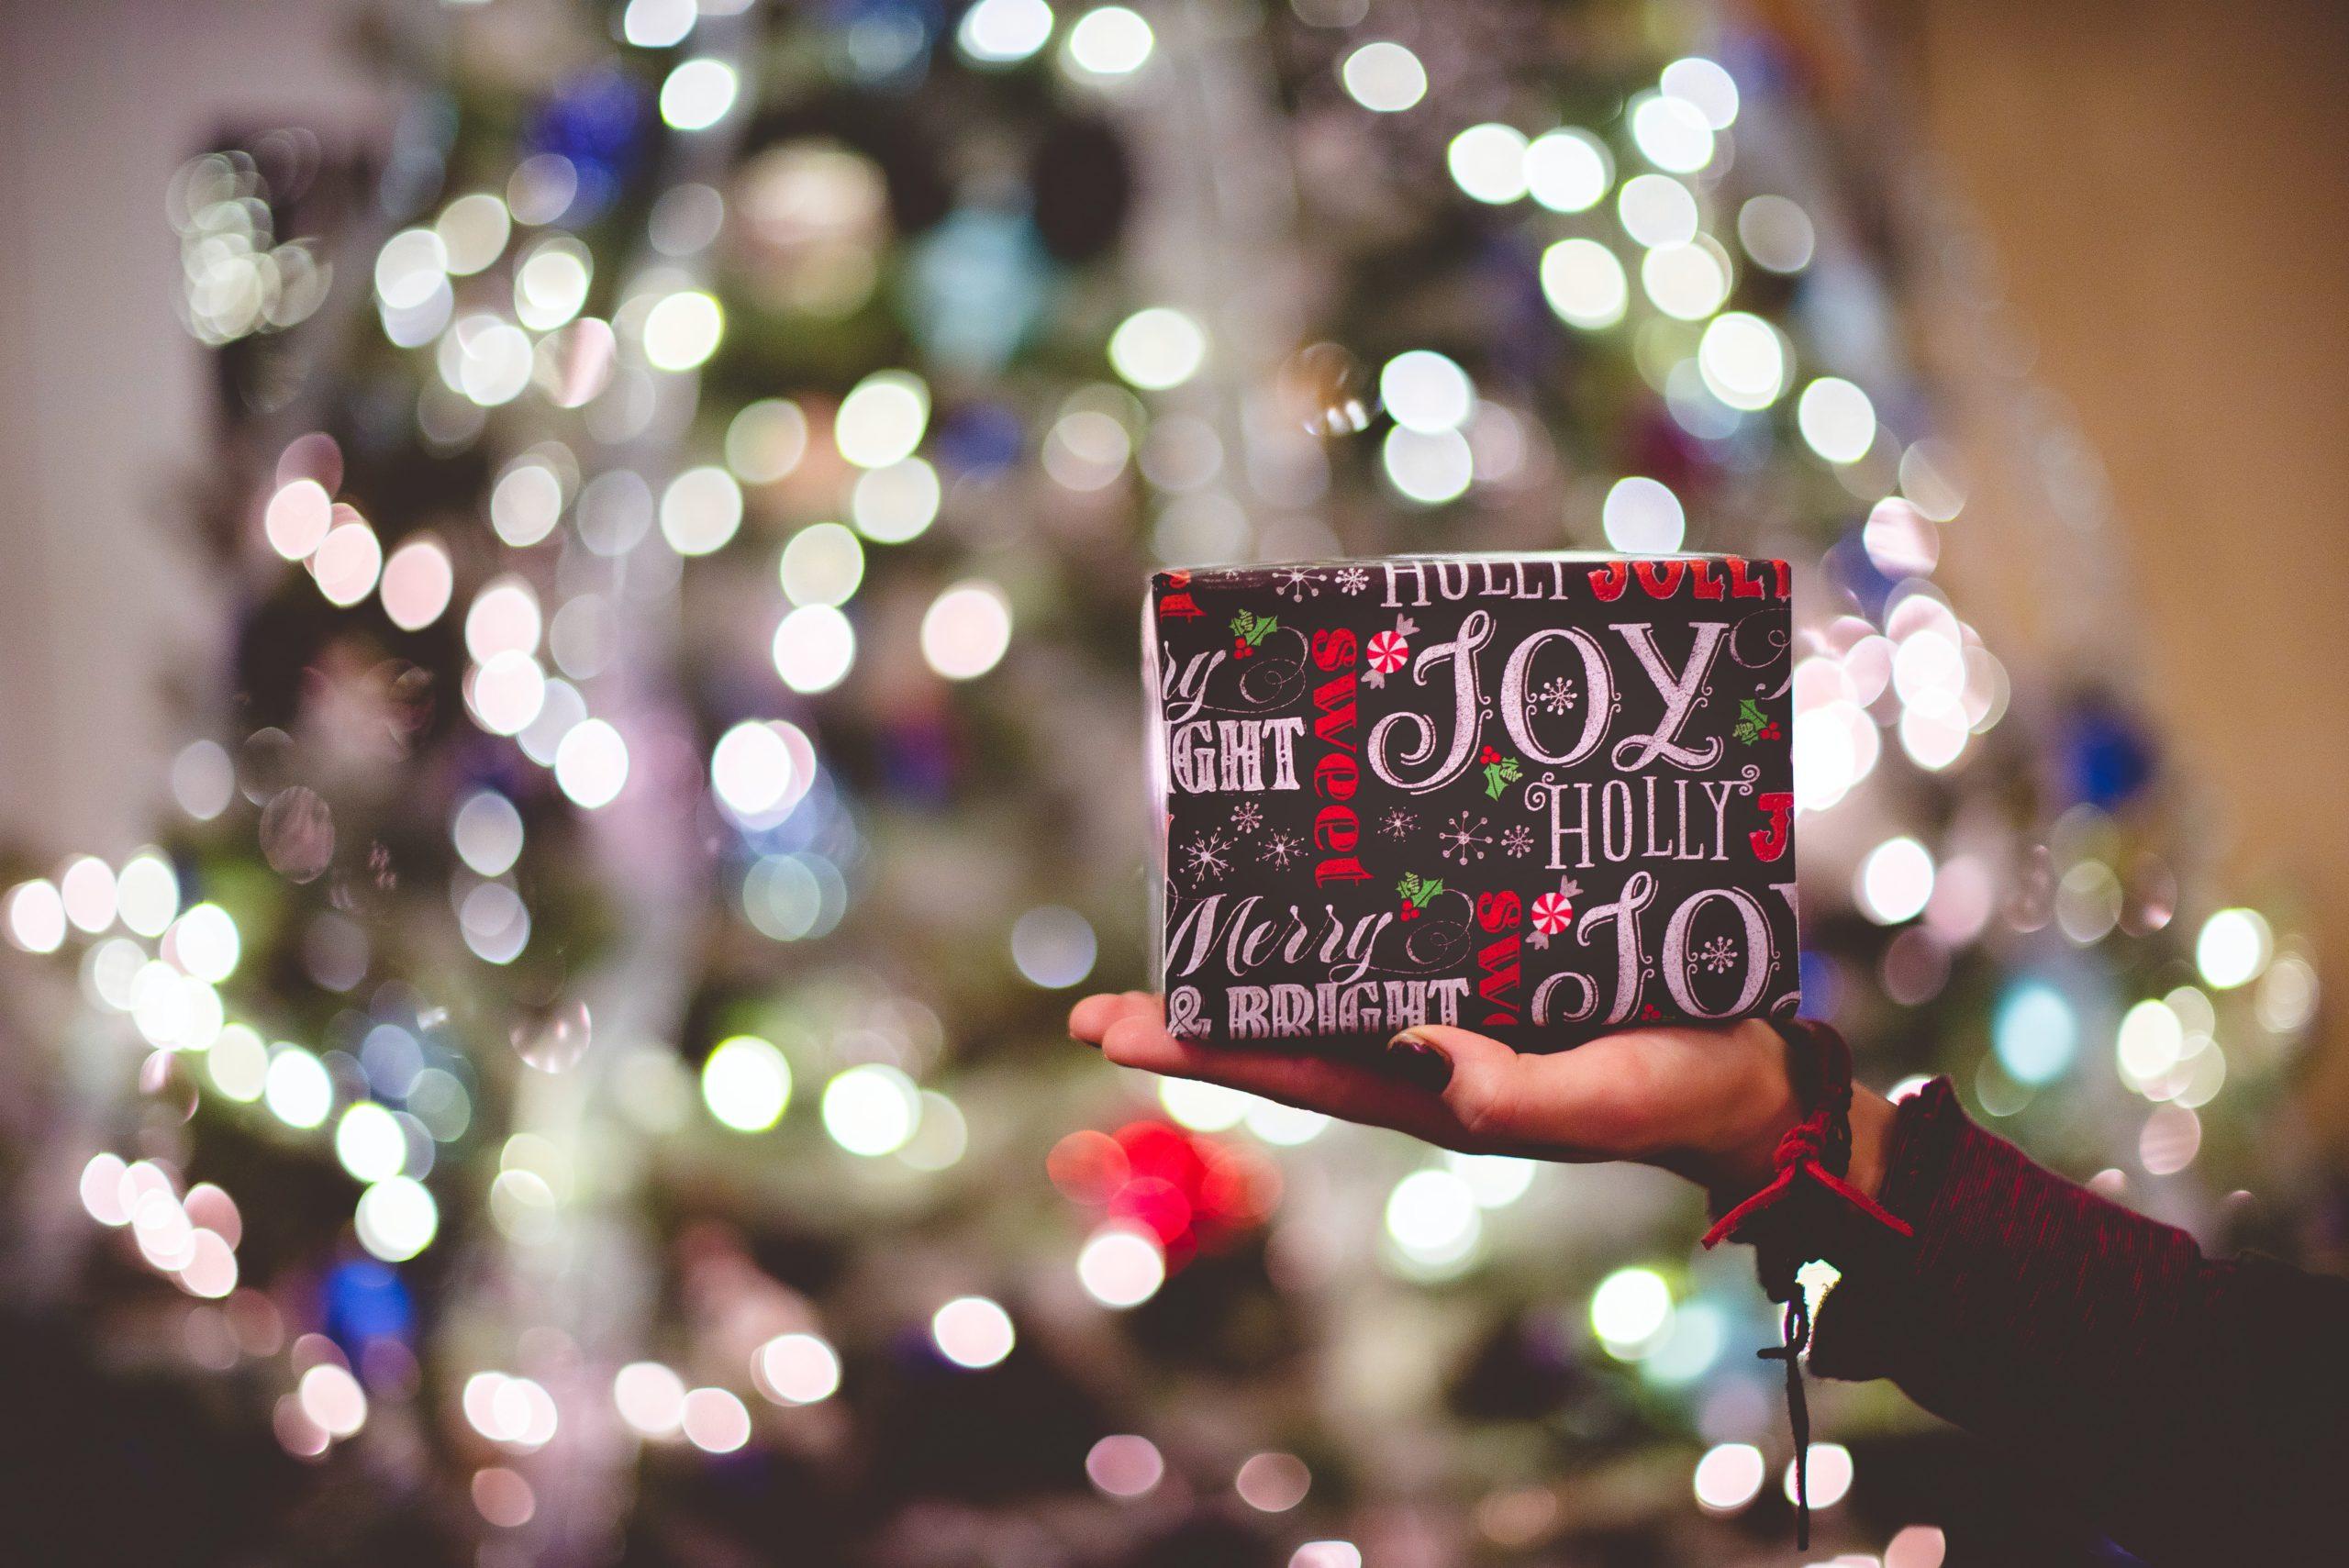 Cadeaux de Noël engagés : 5 idées de dernière minute  !